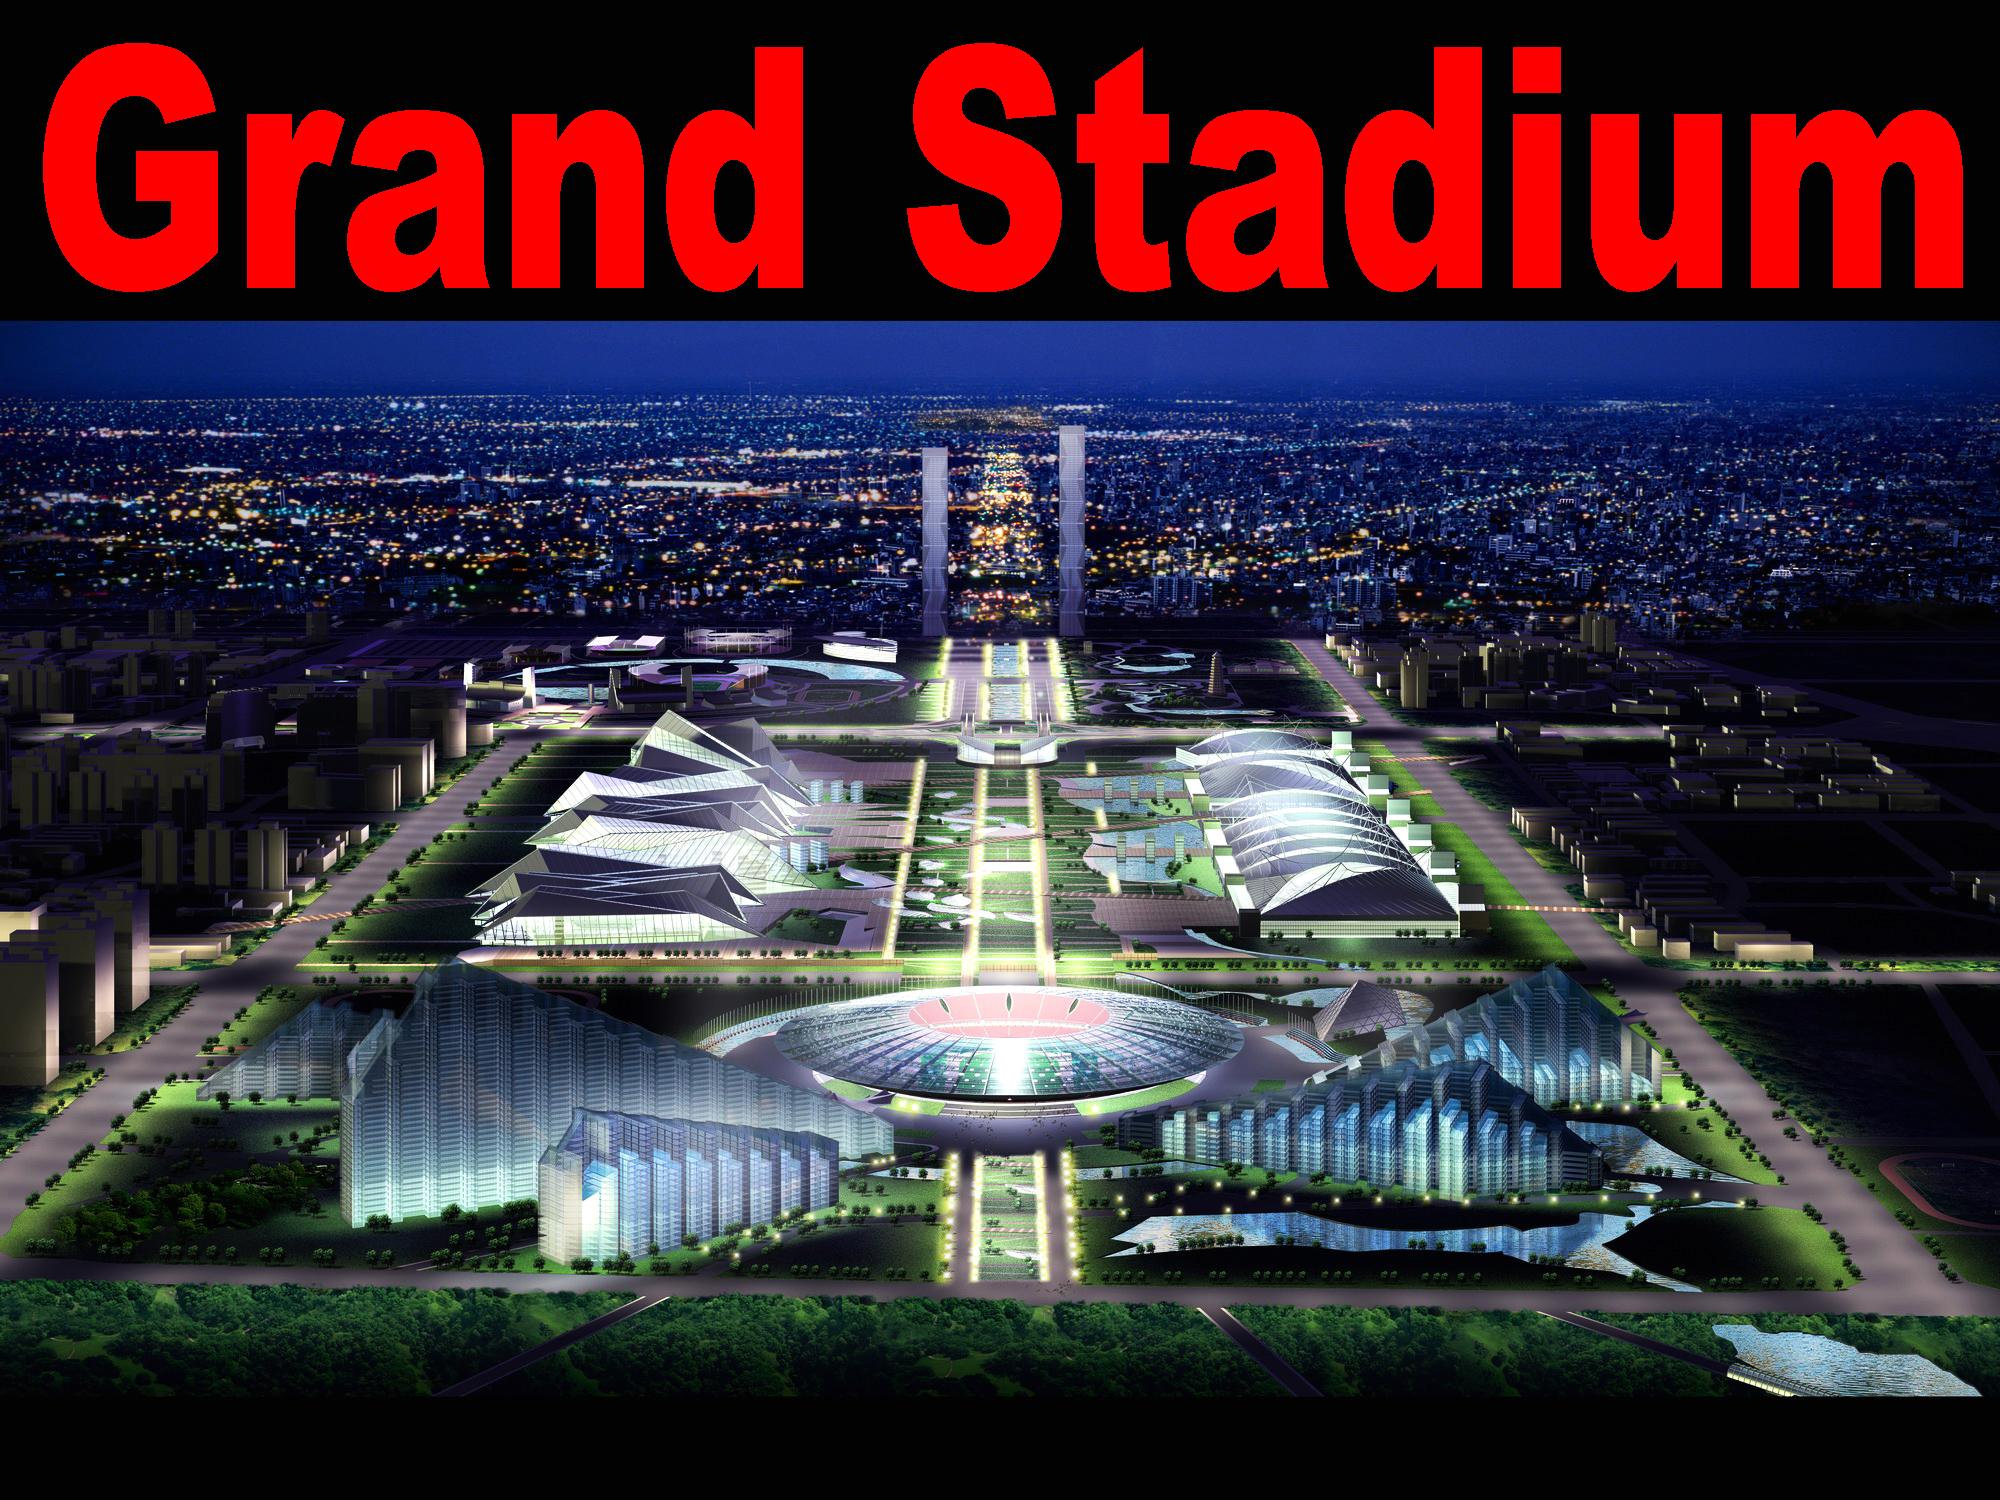 عمارت 057 گرینڈ اسٹیڈیم 3D ماڈل زیادہ سے زیادہ 133556